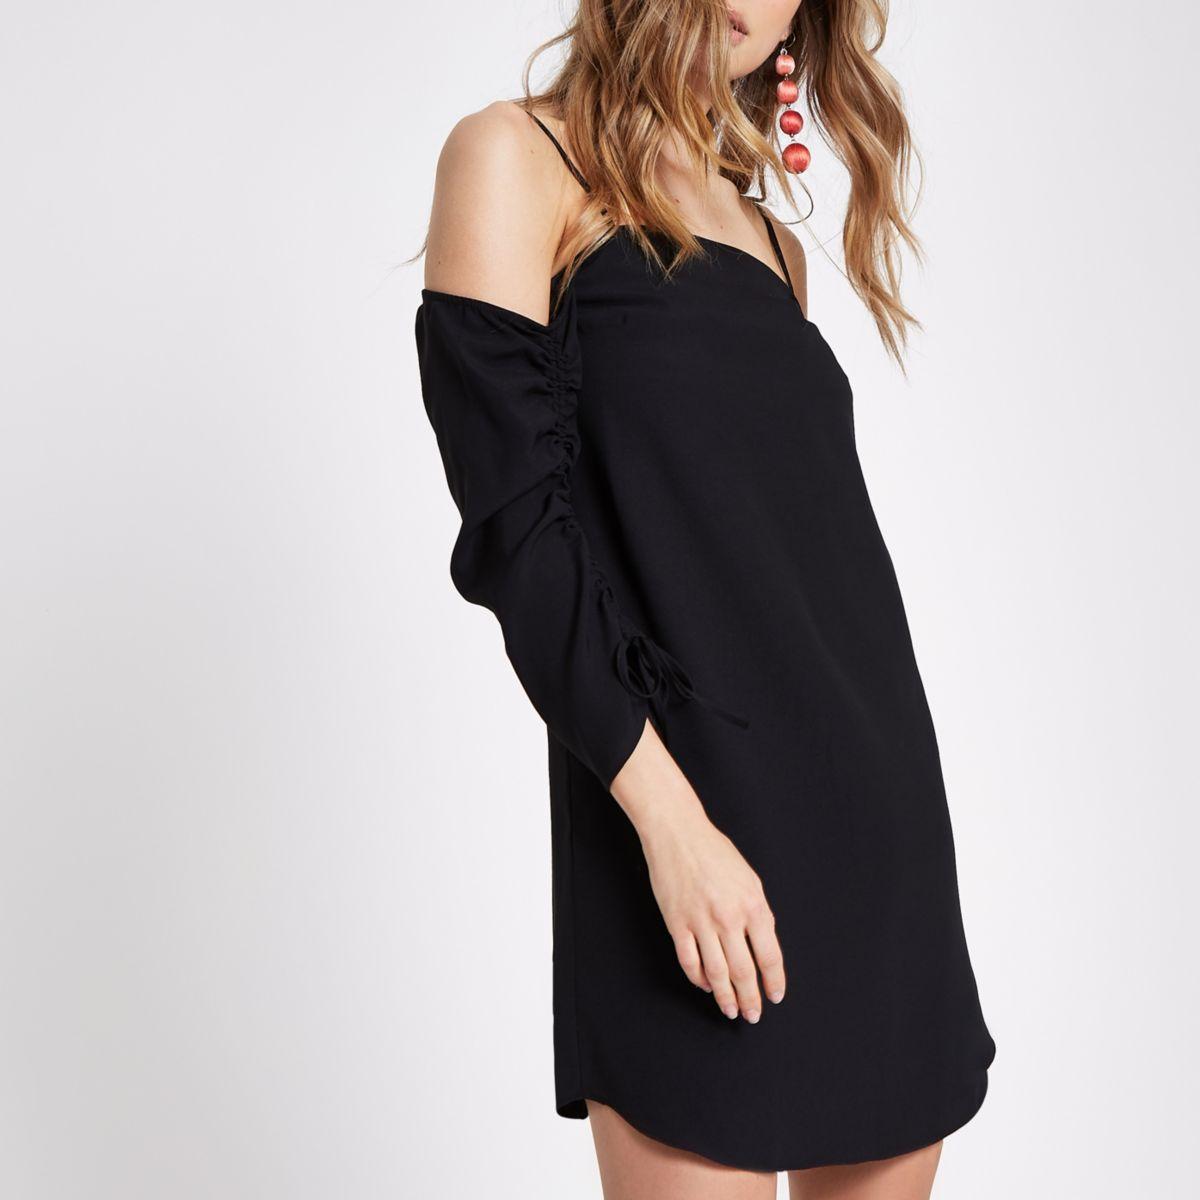 Schwarzes Swing-Kleid mit Raffung